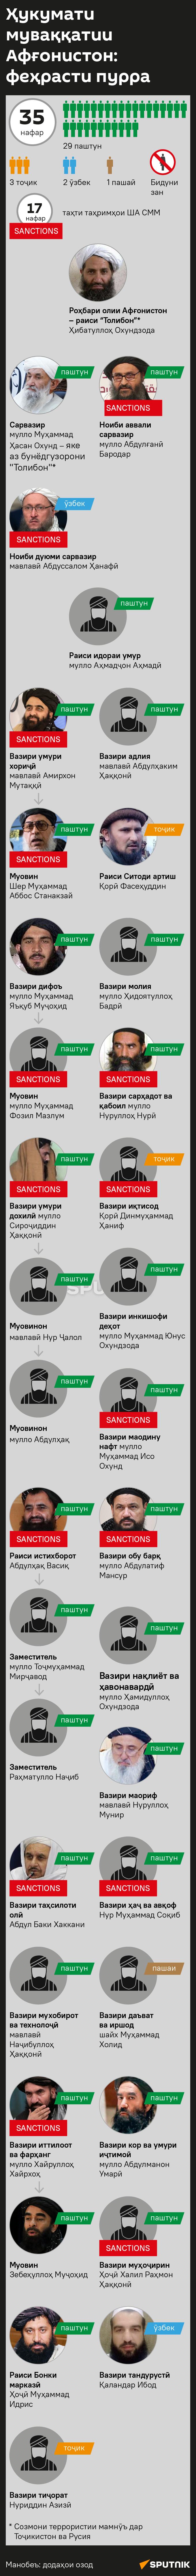 Ҳукумати муваққатии Афғонистон: феҳрасти пурра - Sputnik Тоҷикистон